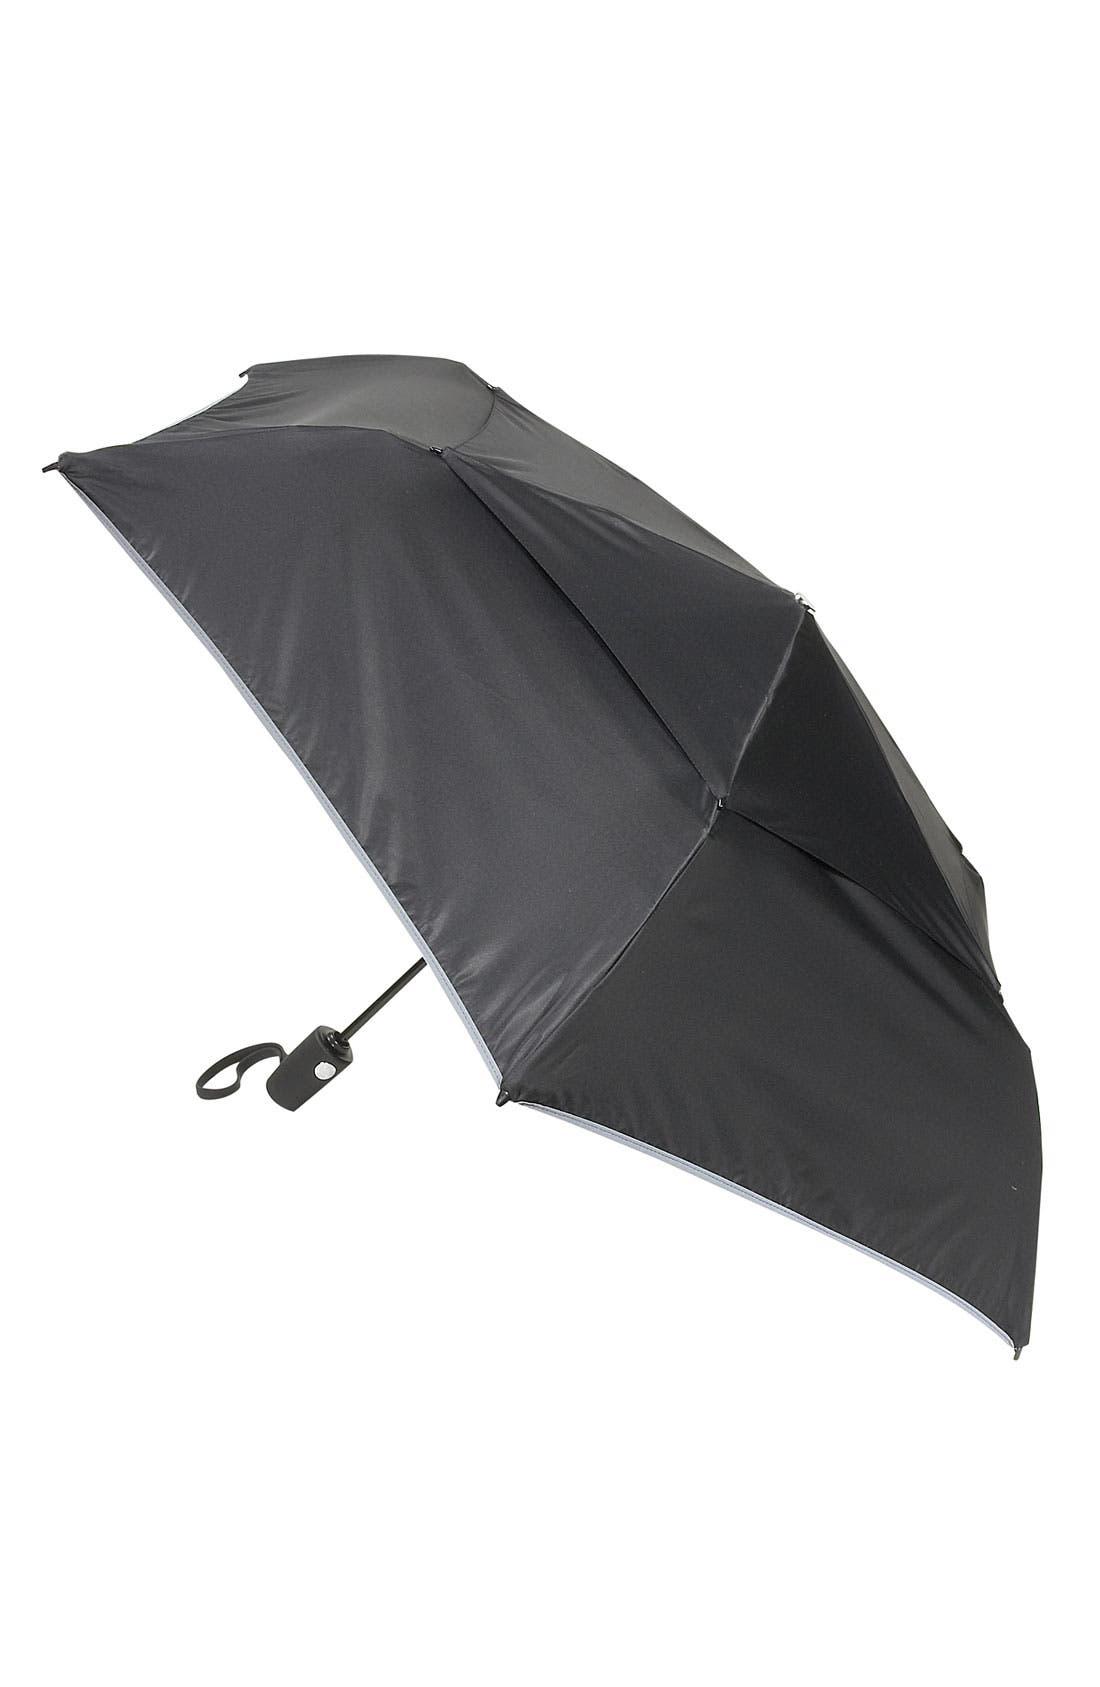 Main Image - Tumi Medium Auto Close Umbrella